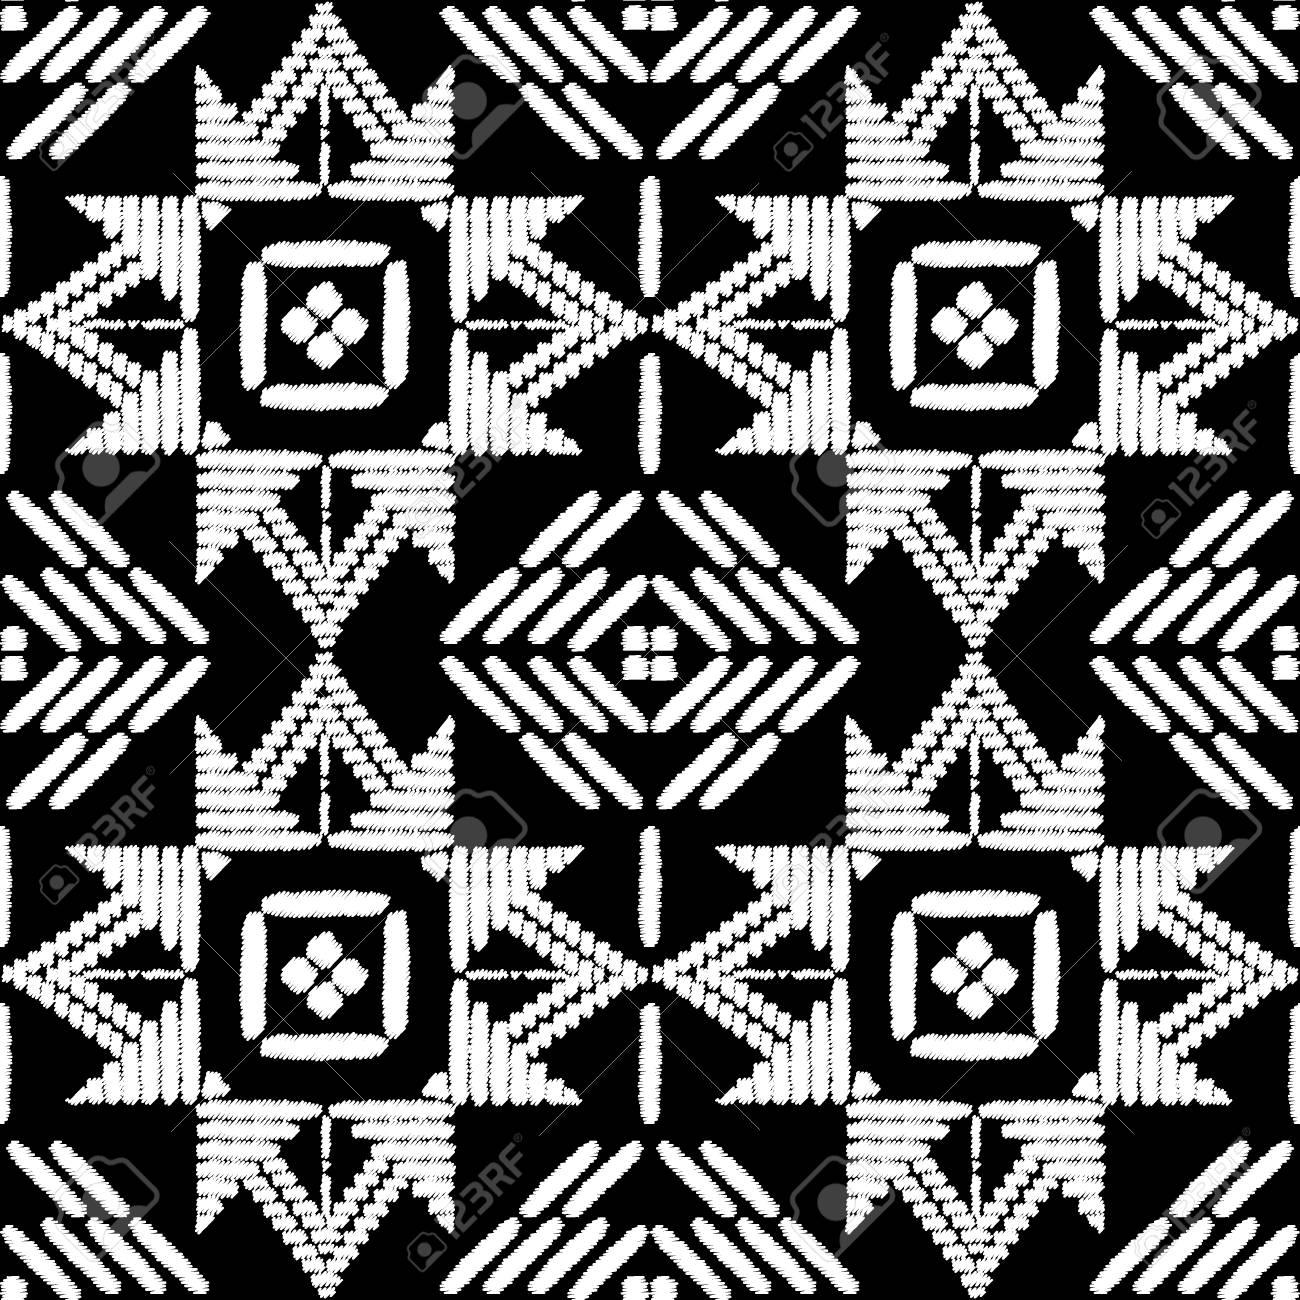 Vector Transparente De Diseño De Patrón De Bordado Azteca. Textura ...